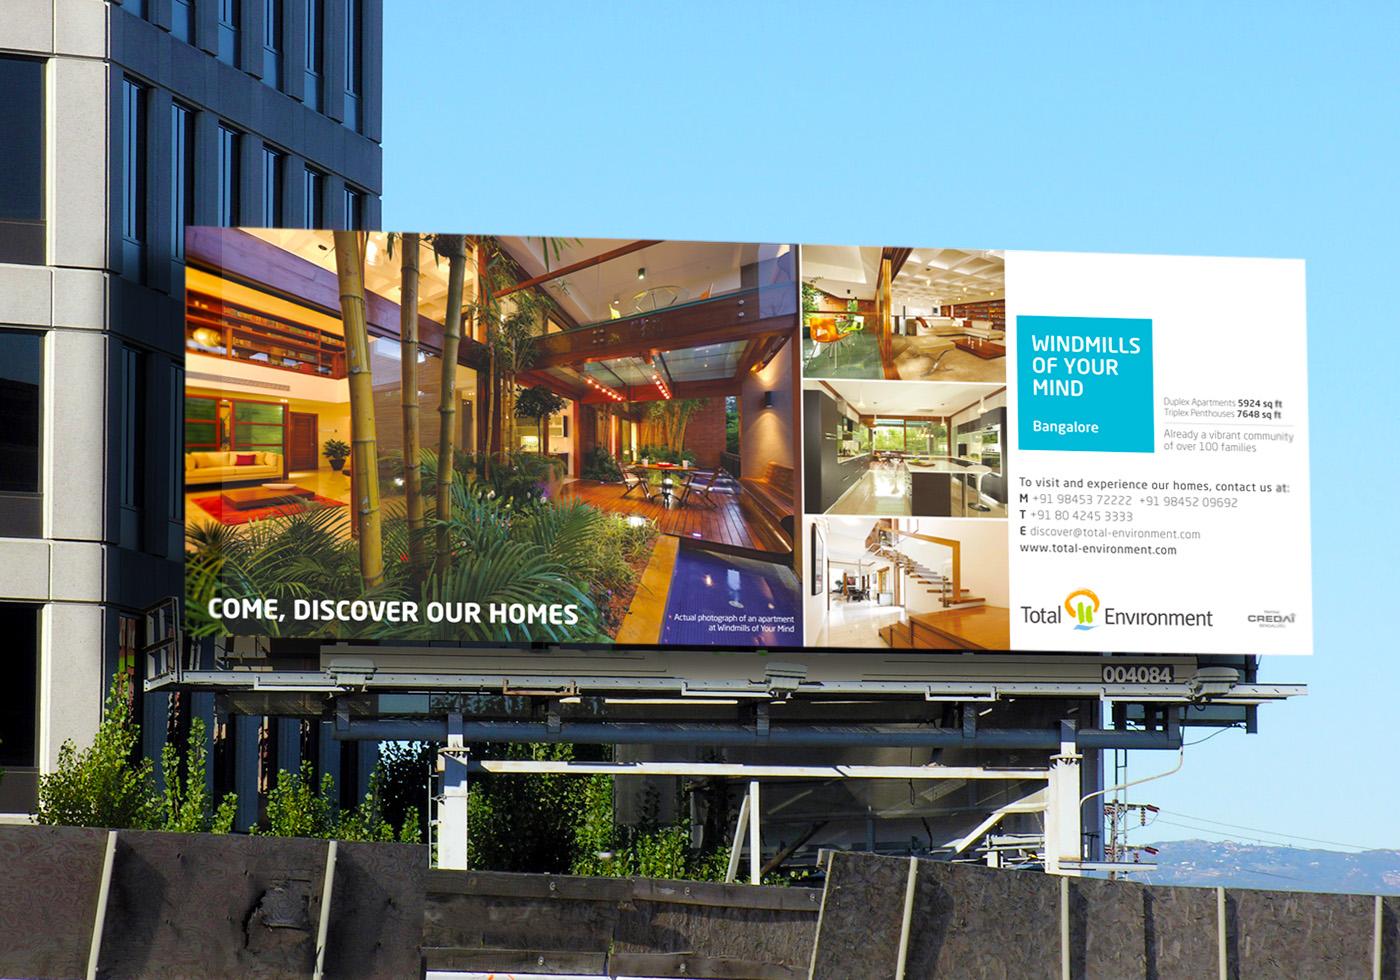 total-environment-billboard